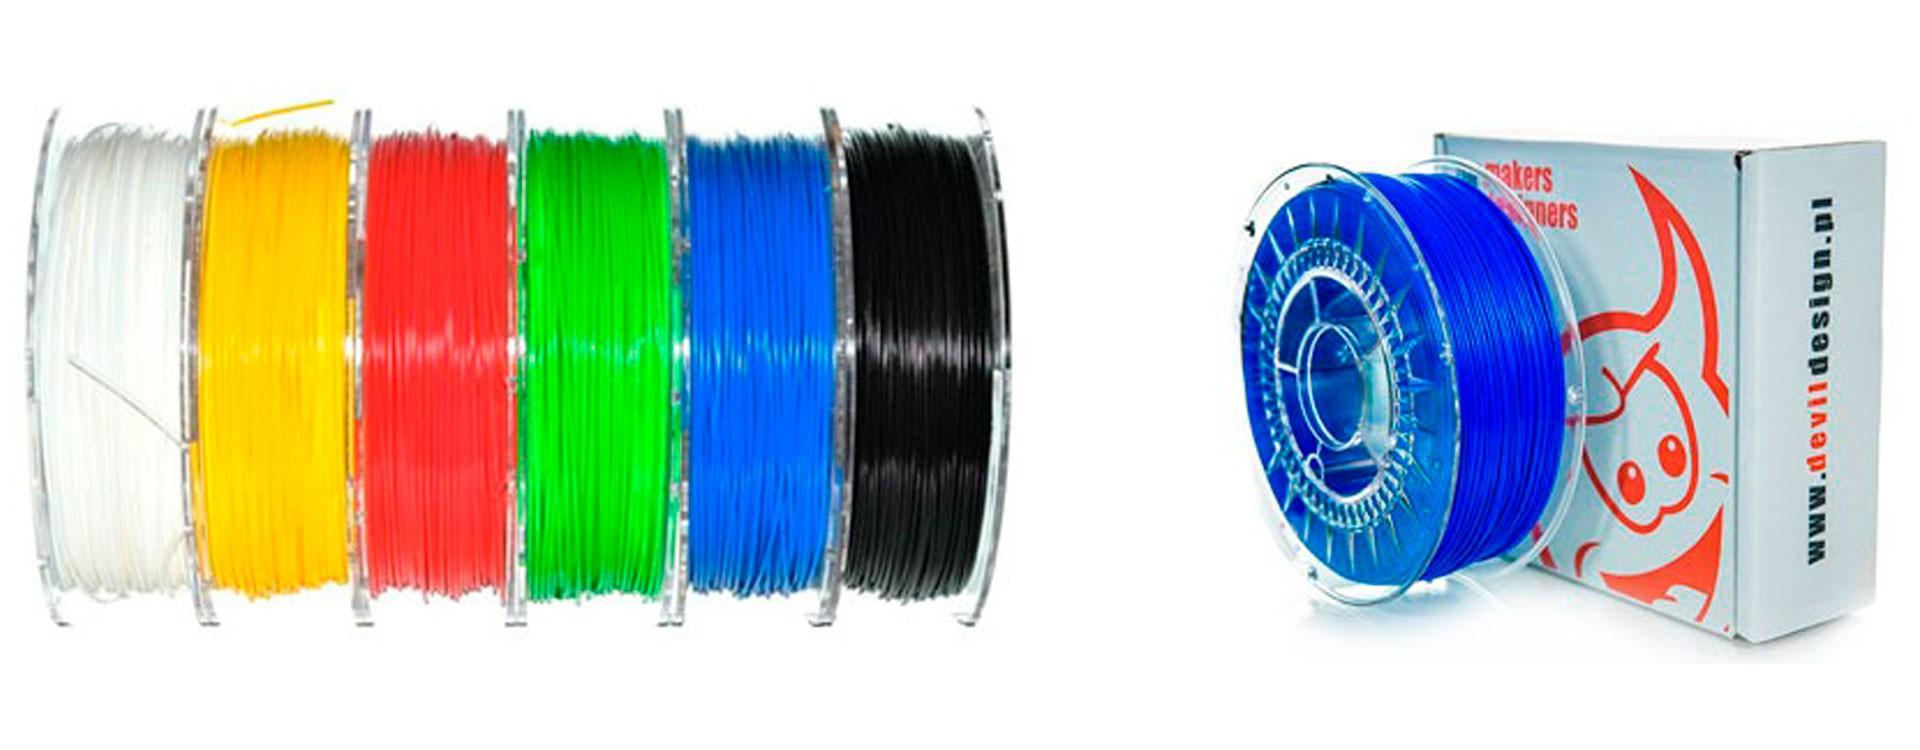 ABS - пластик для 3D печати. Описание и Сравнение